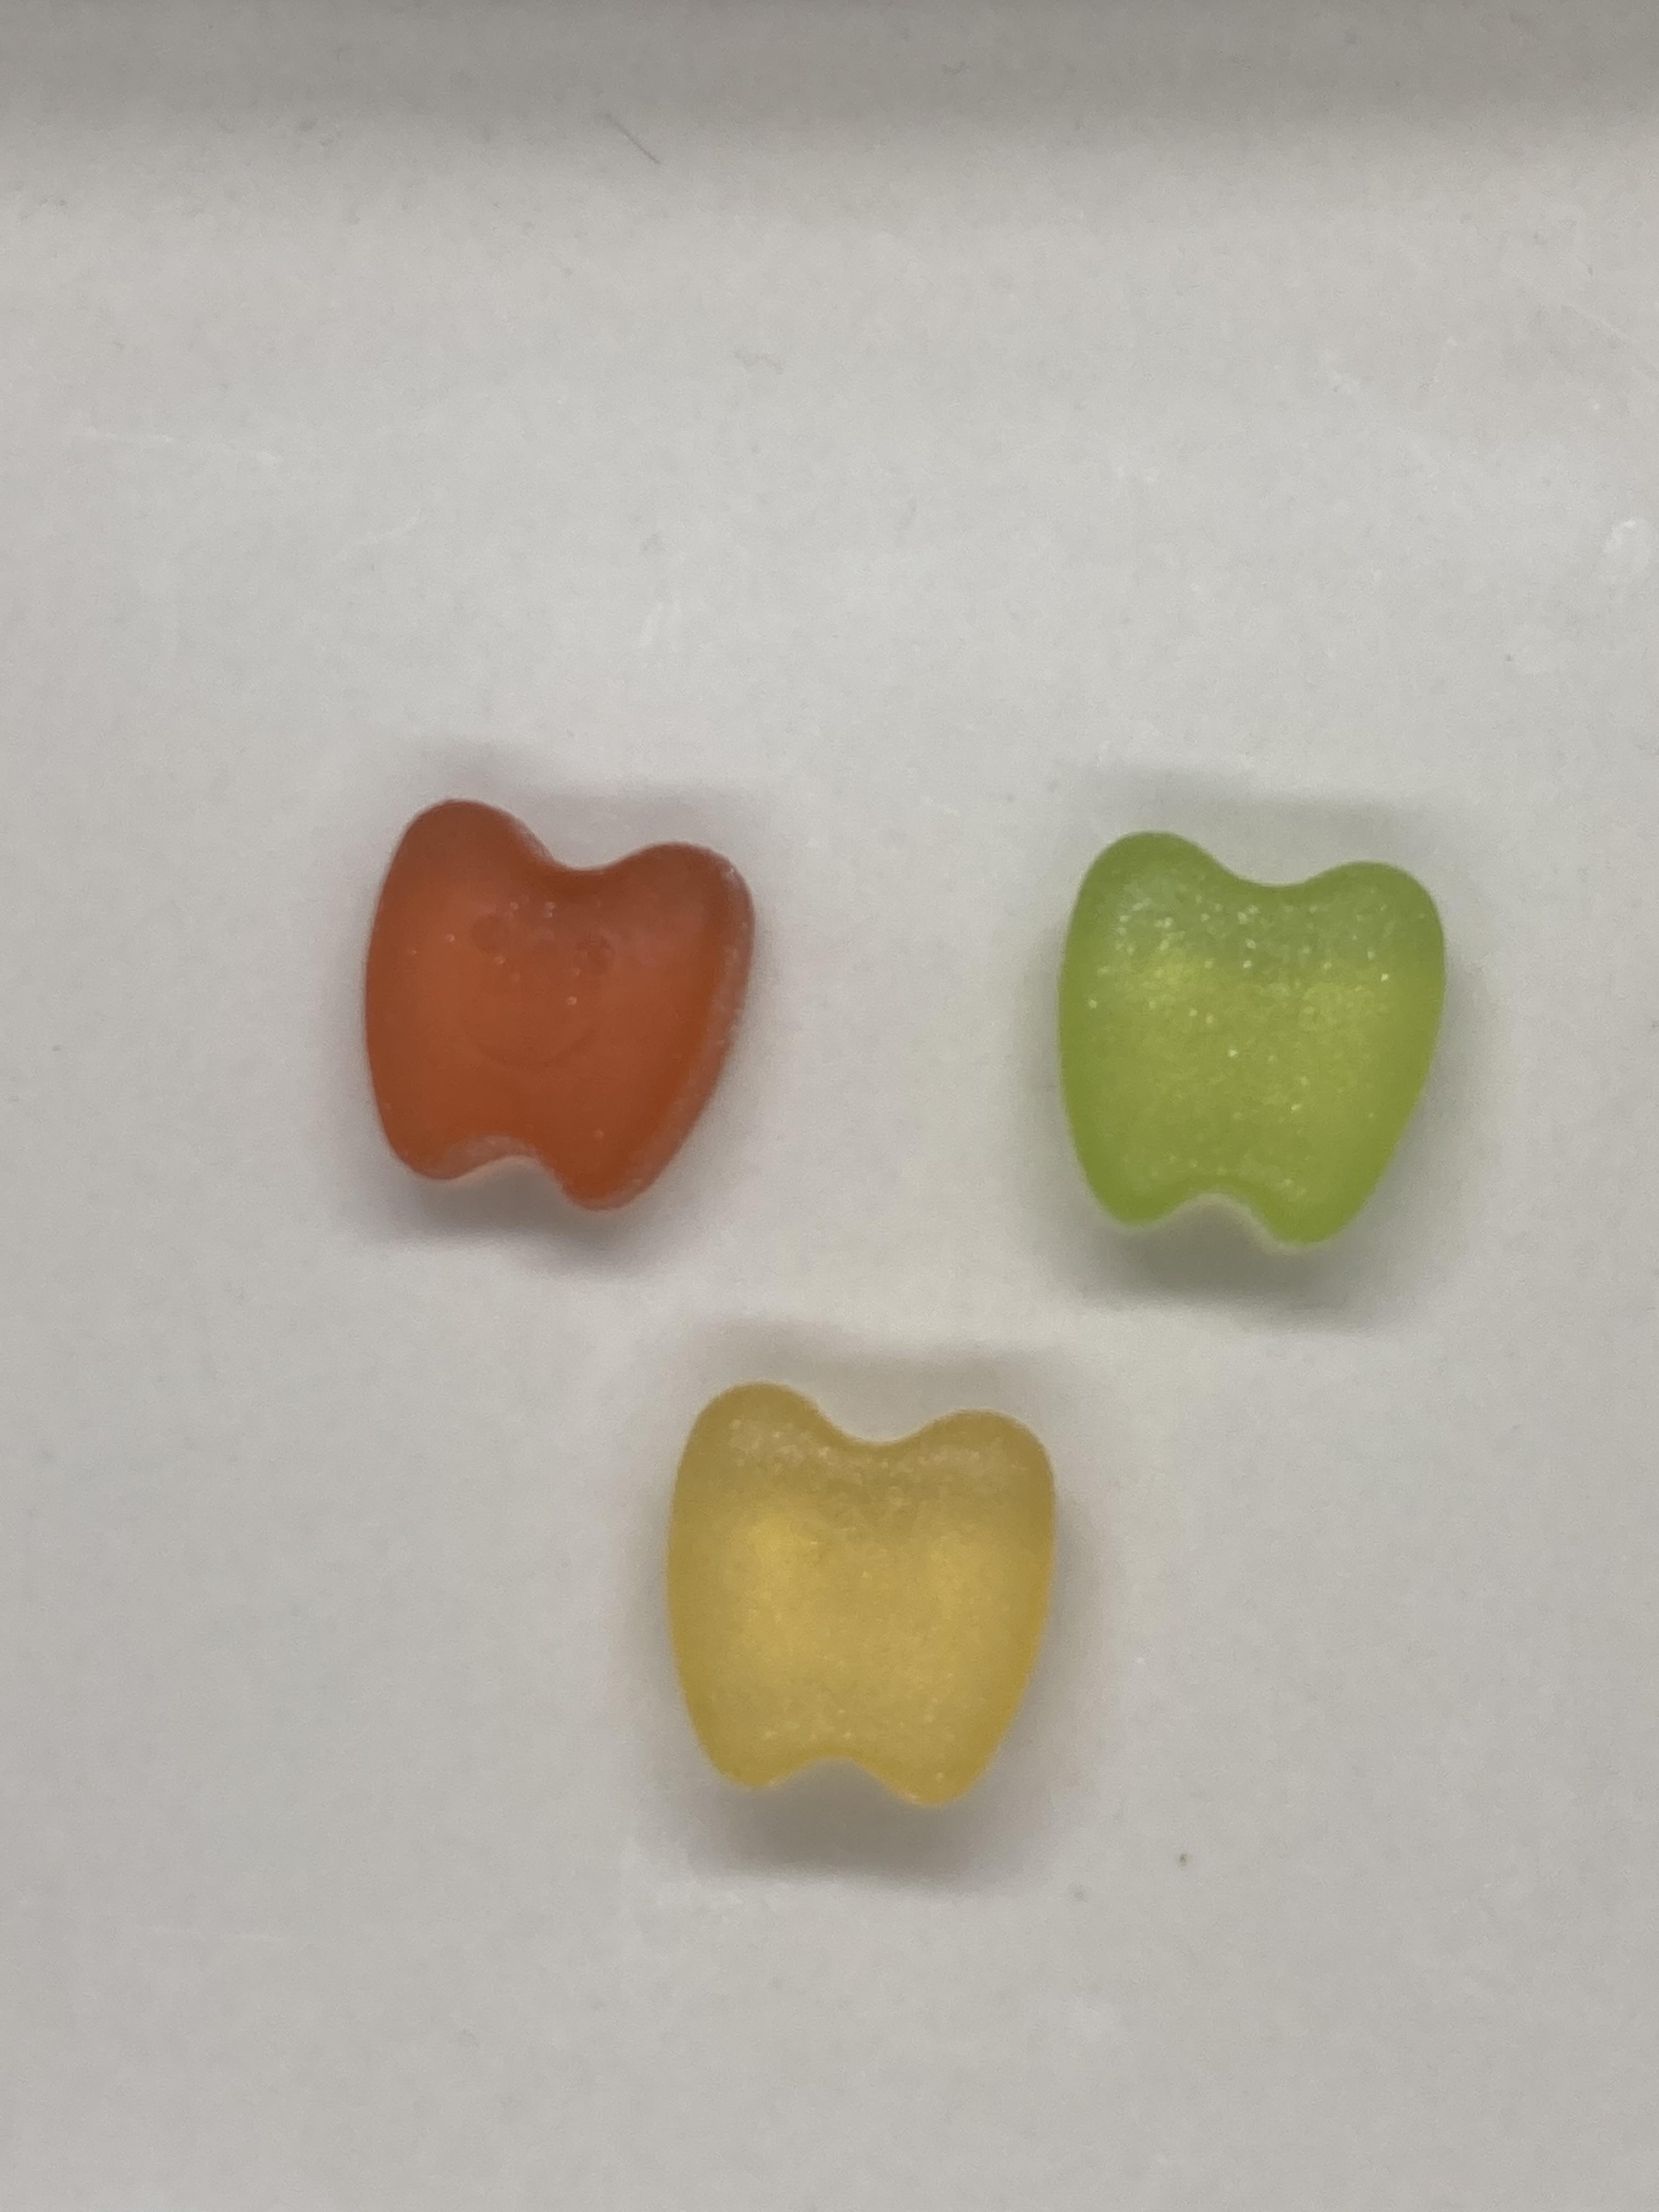 歯医者さんが作ったデンタルグミ 包装なし